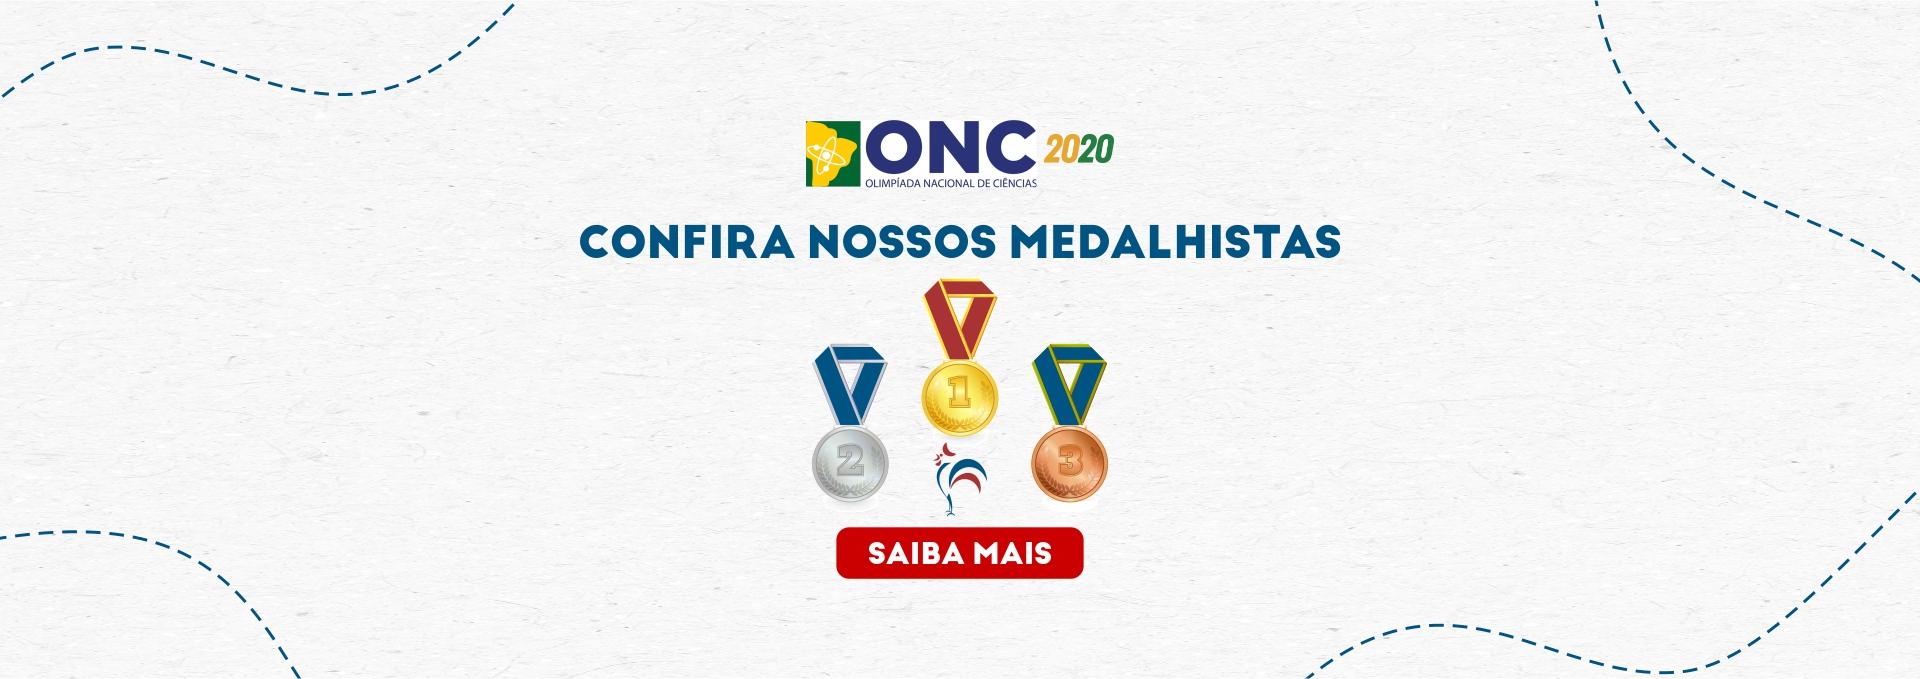 Alunos premiados na ONC